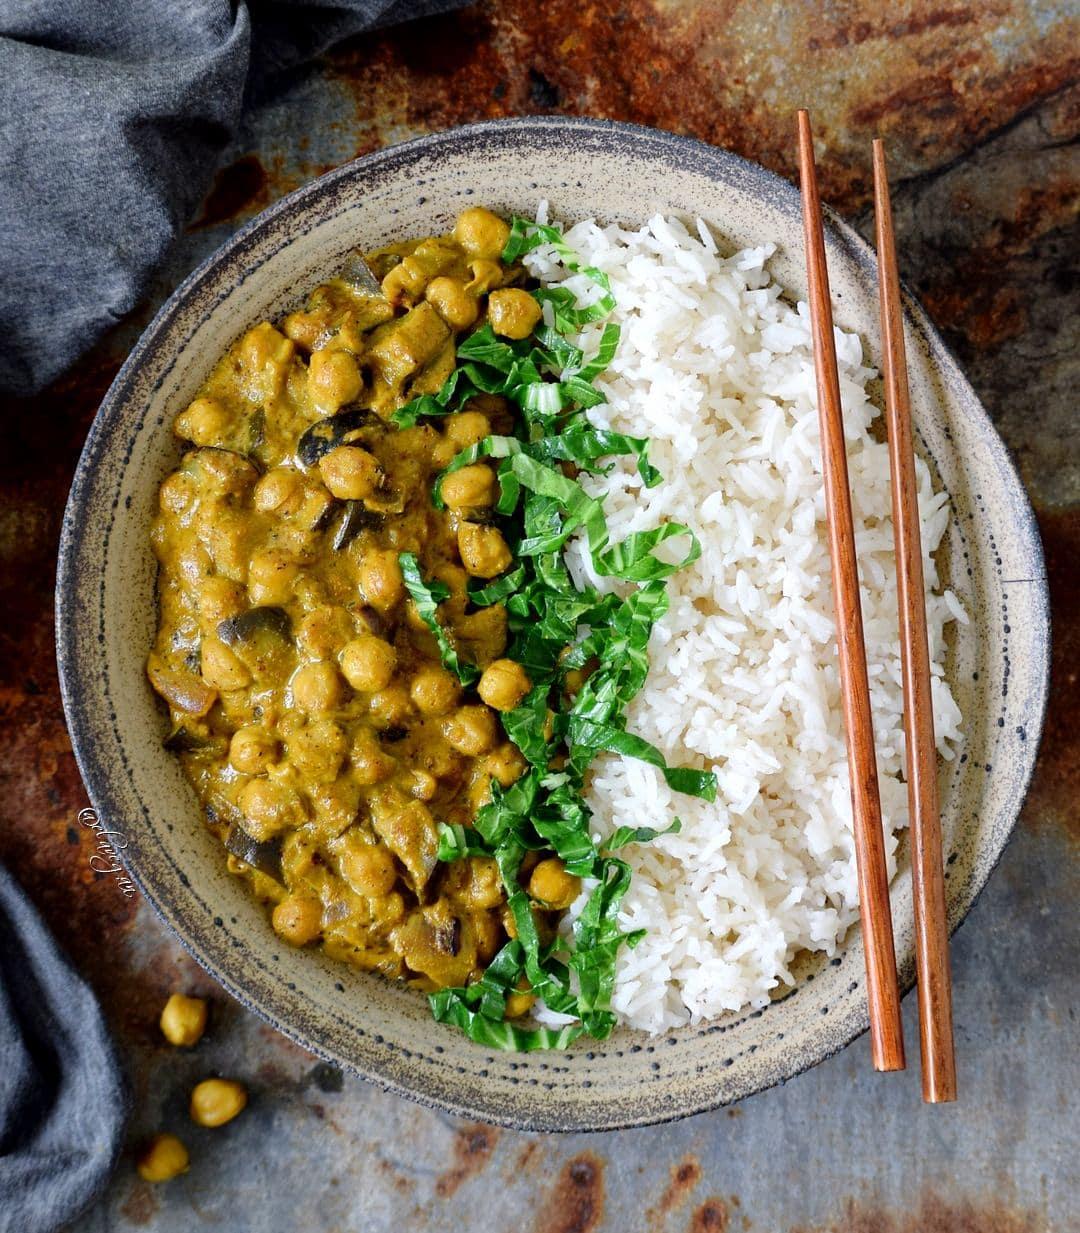 Kichererbsen Curry mit Spinat, Aubergine und Reis. Rezept ist vegan, glutenfrei, ölfrei und einfach.